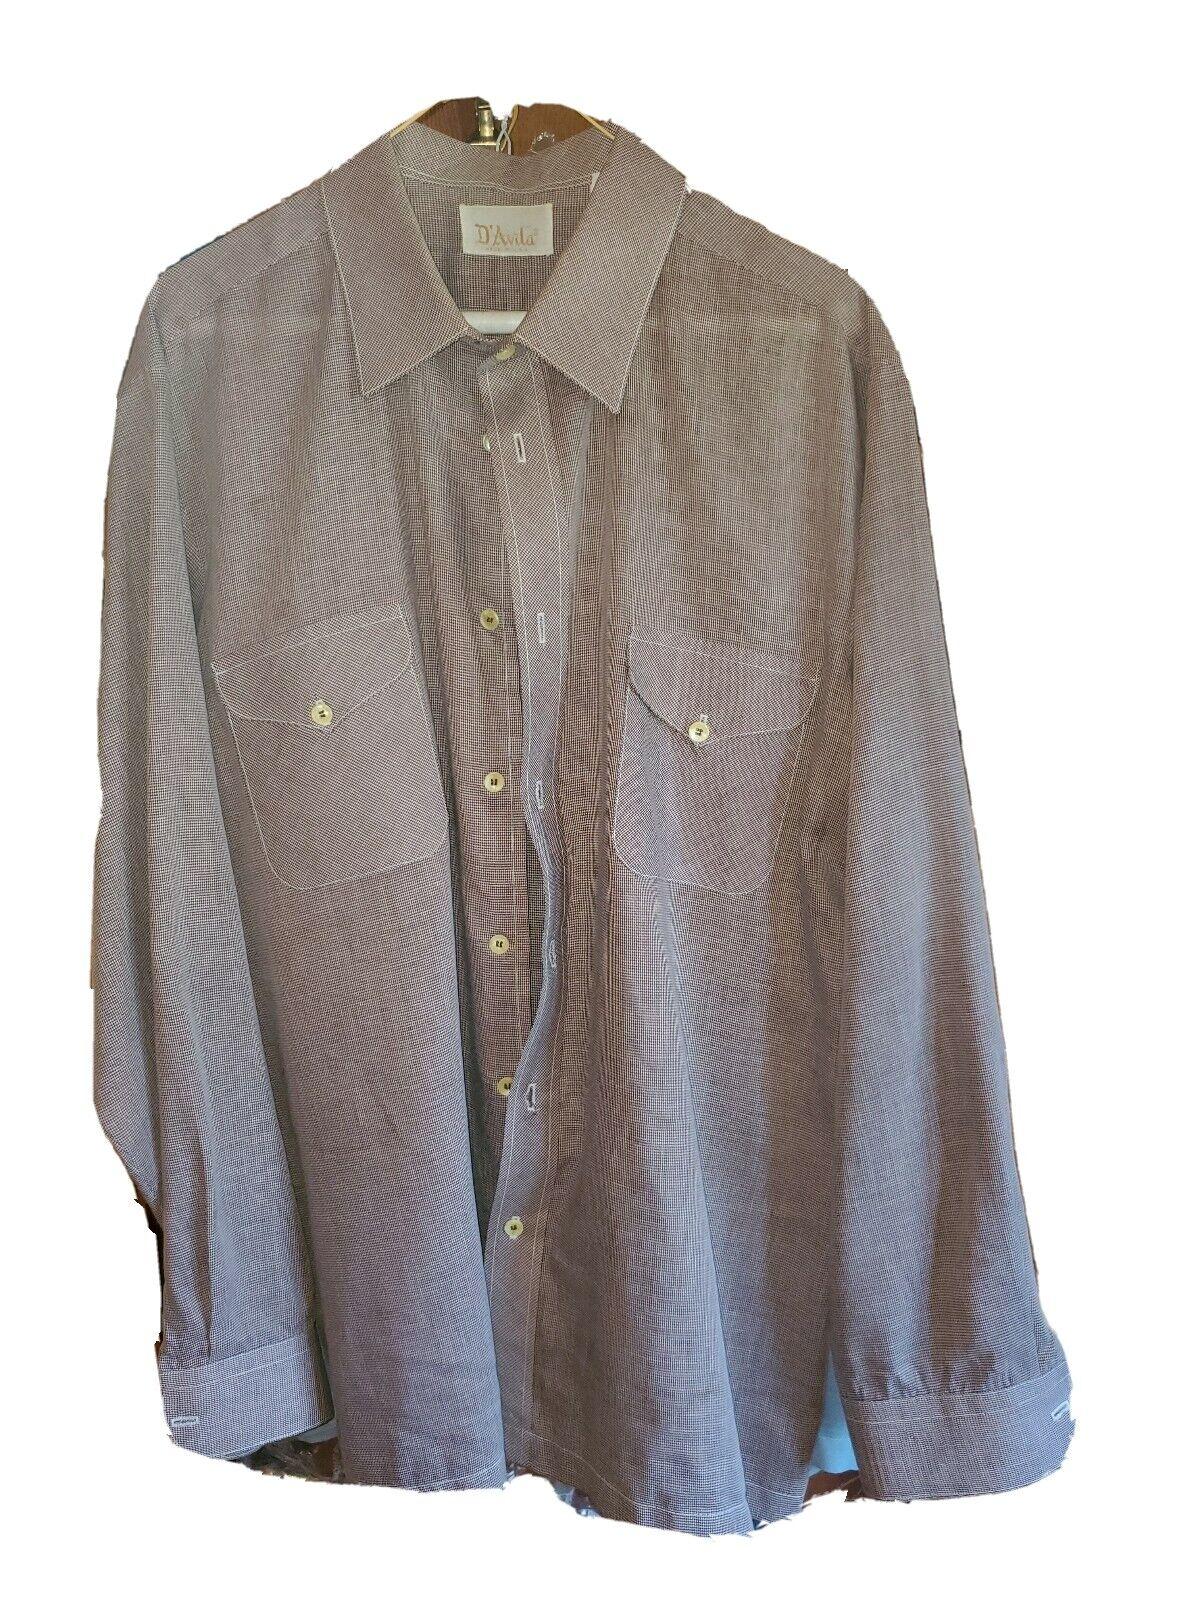 Vintage men's shirt XL 60's/ 70's - image 2